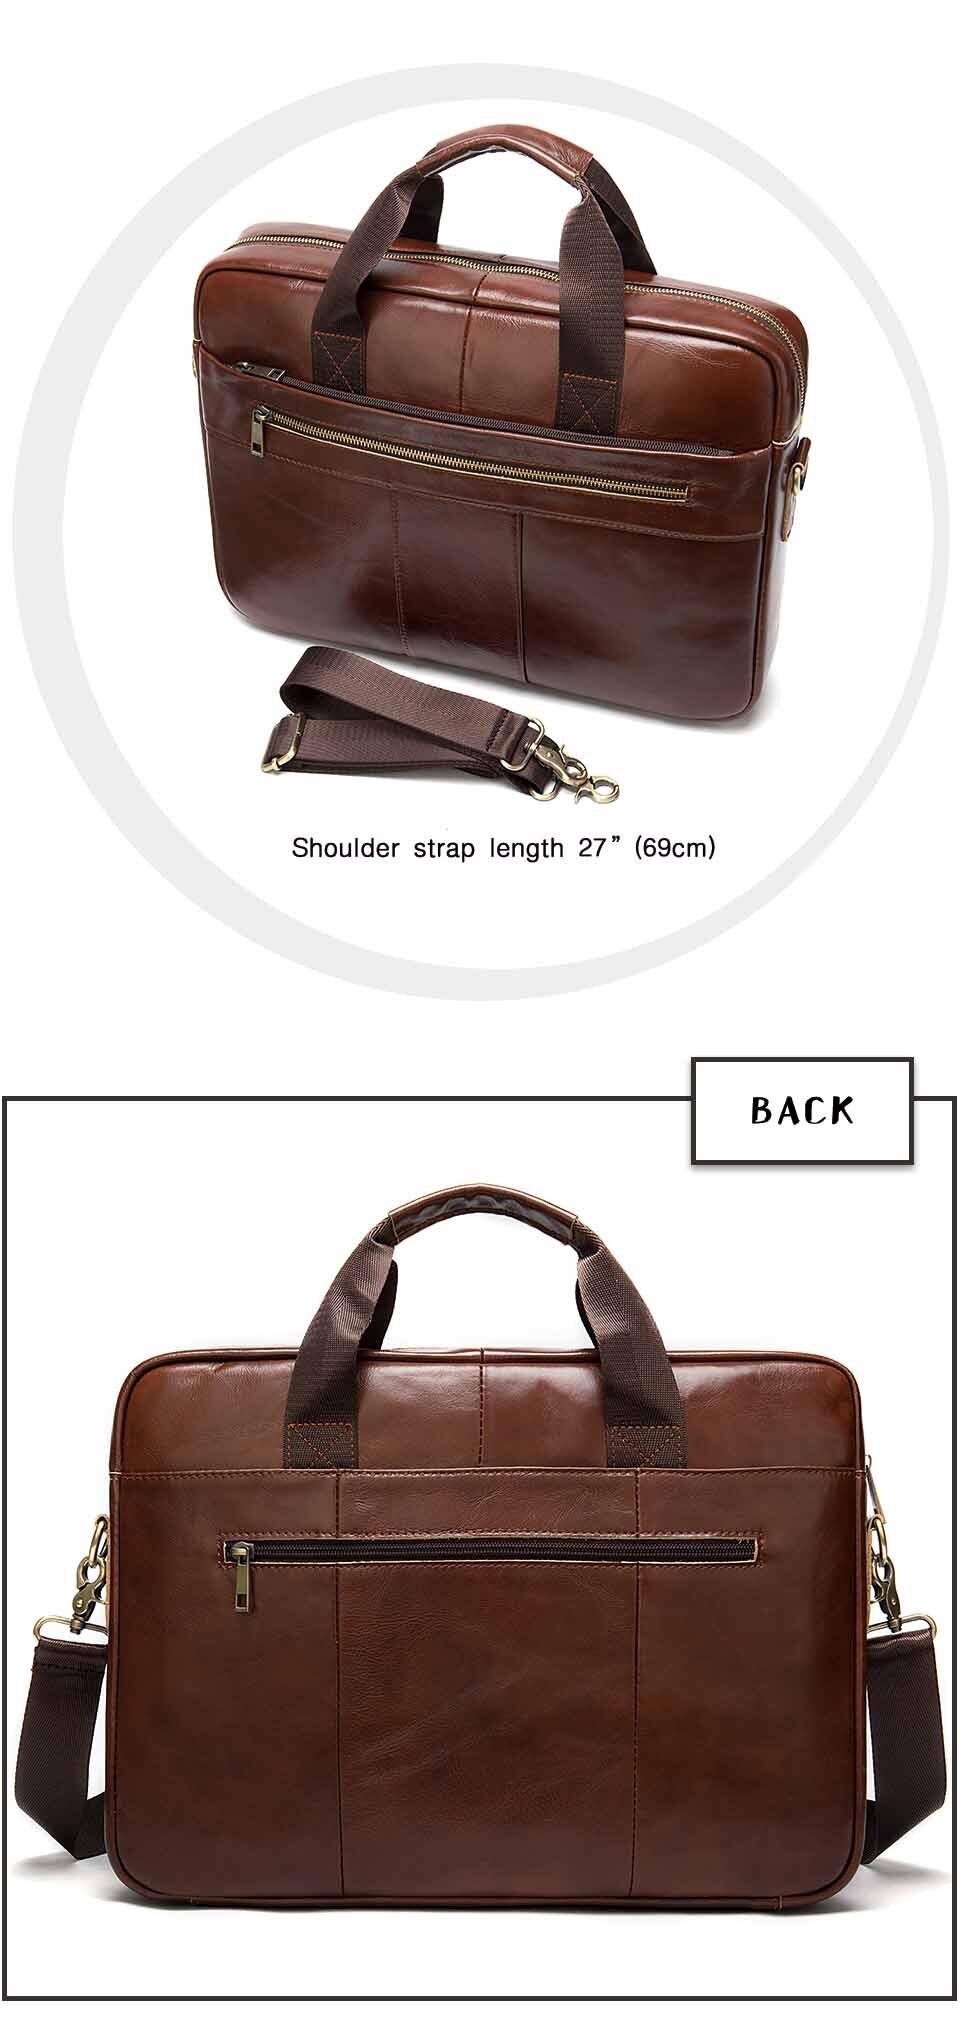 LAZYLIFE-Bag-men-s-Genuine-Leather-briefcase-Male-man-laptop-bag-natural-Leather-for-men-Messenger (6)